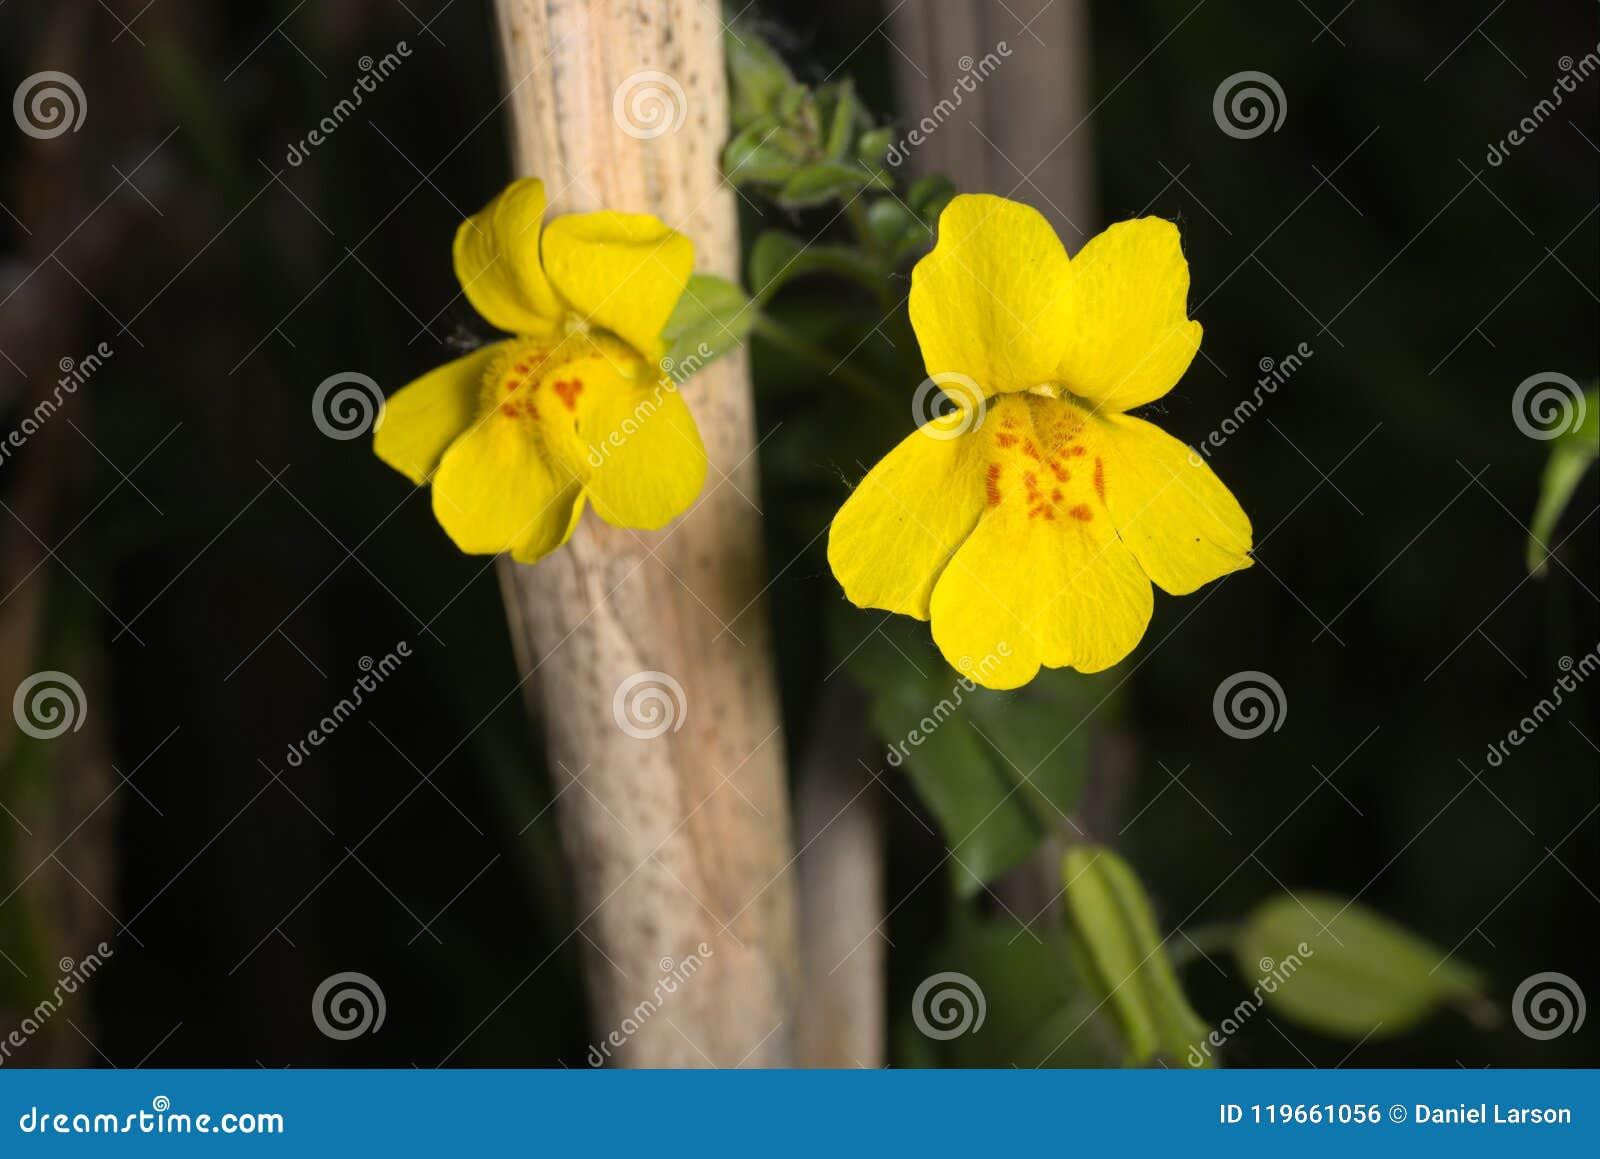 Yellow Monkey Flower Stock Photo Image Of Flower Limulus 119661056